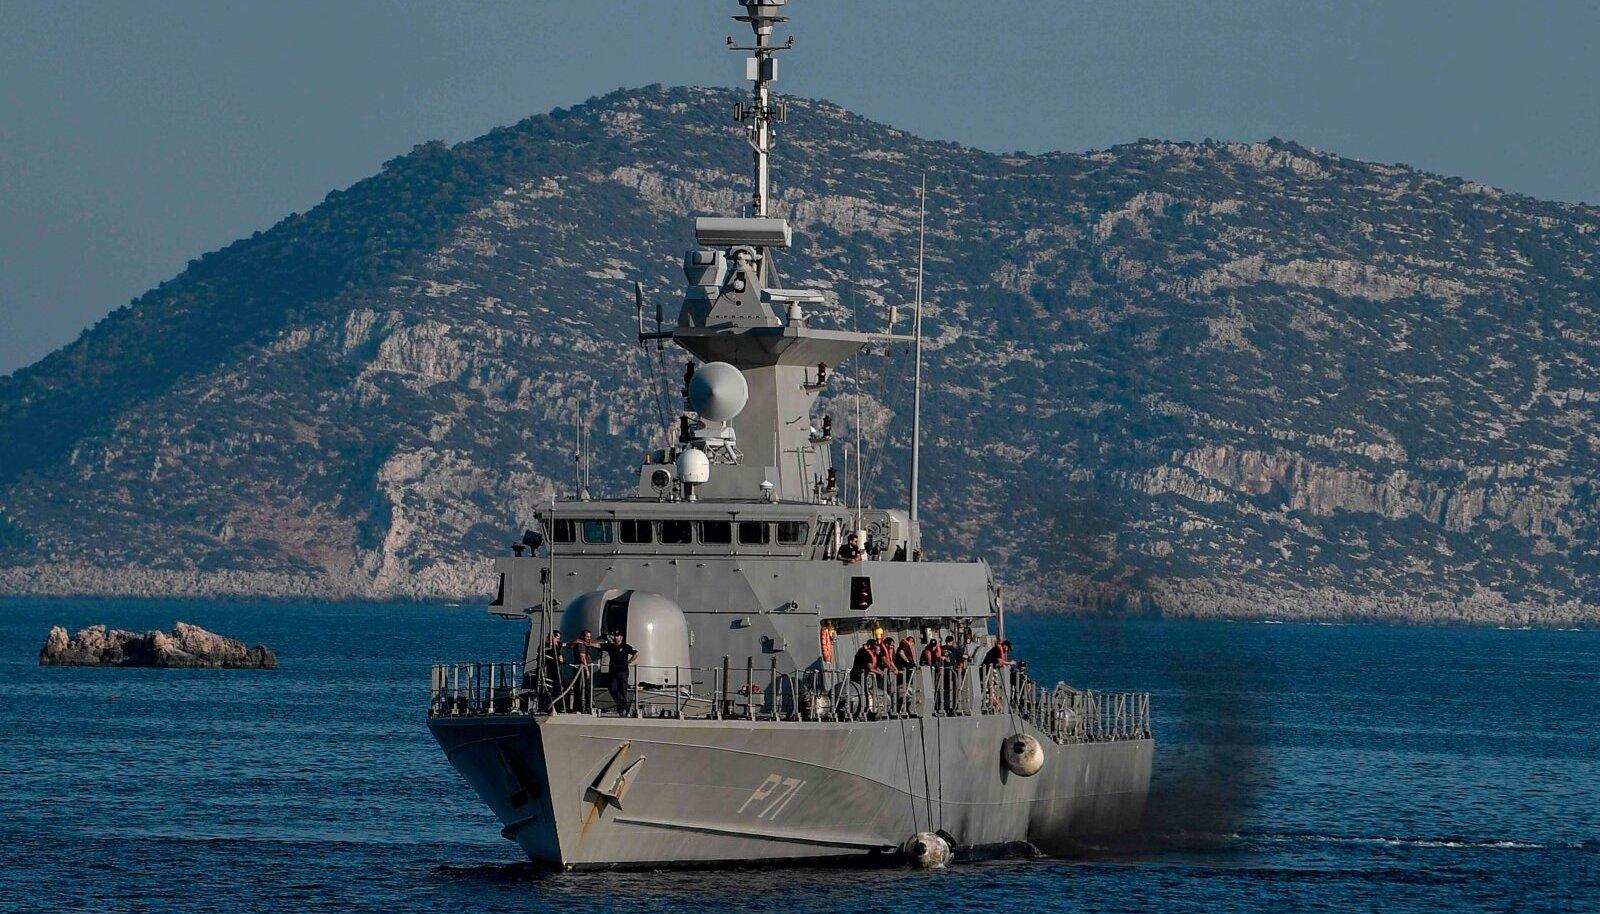 Kreeka patrull-laev augusti lõpus Megísti ehk Kastellorizo saare lähistel, Türgi rannikust kahe kilomeetri kaugusel